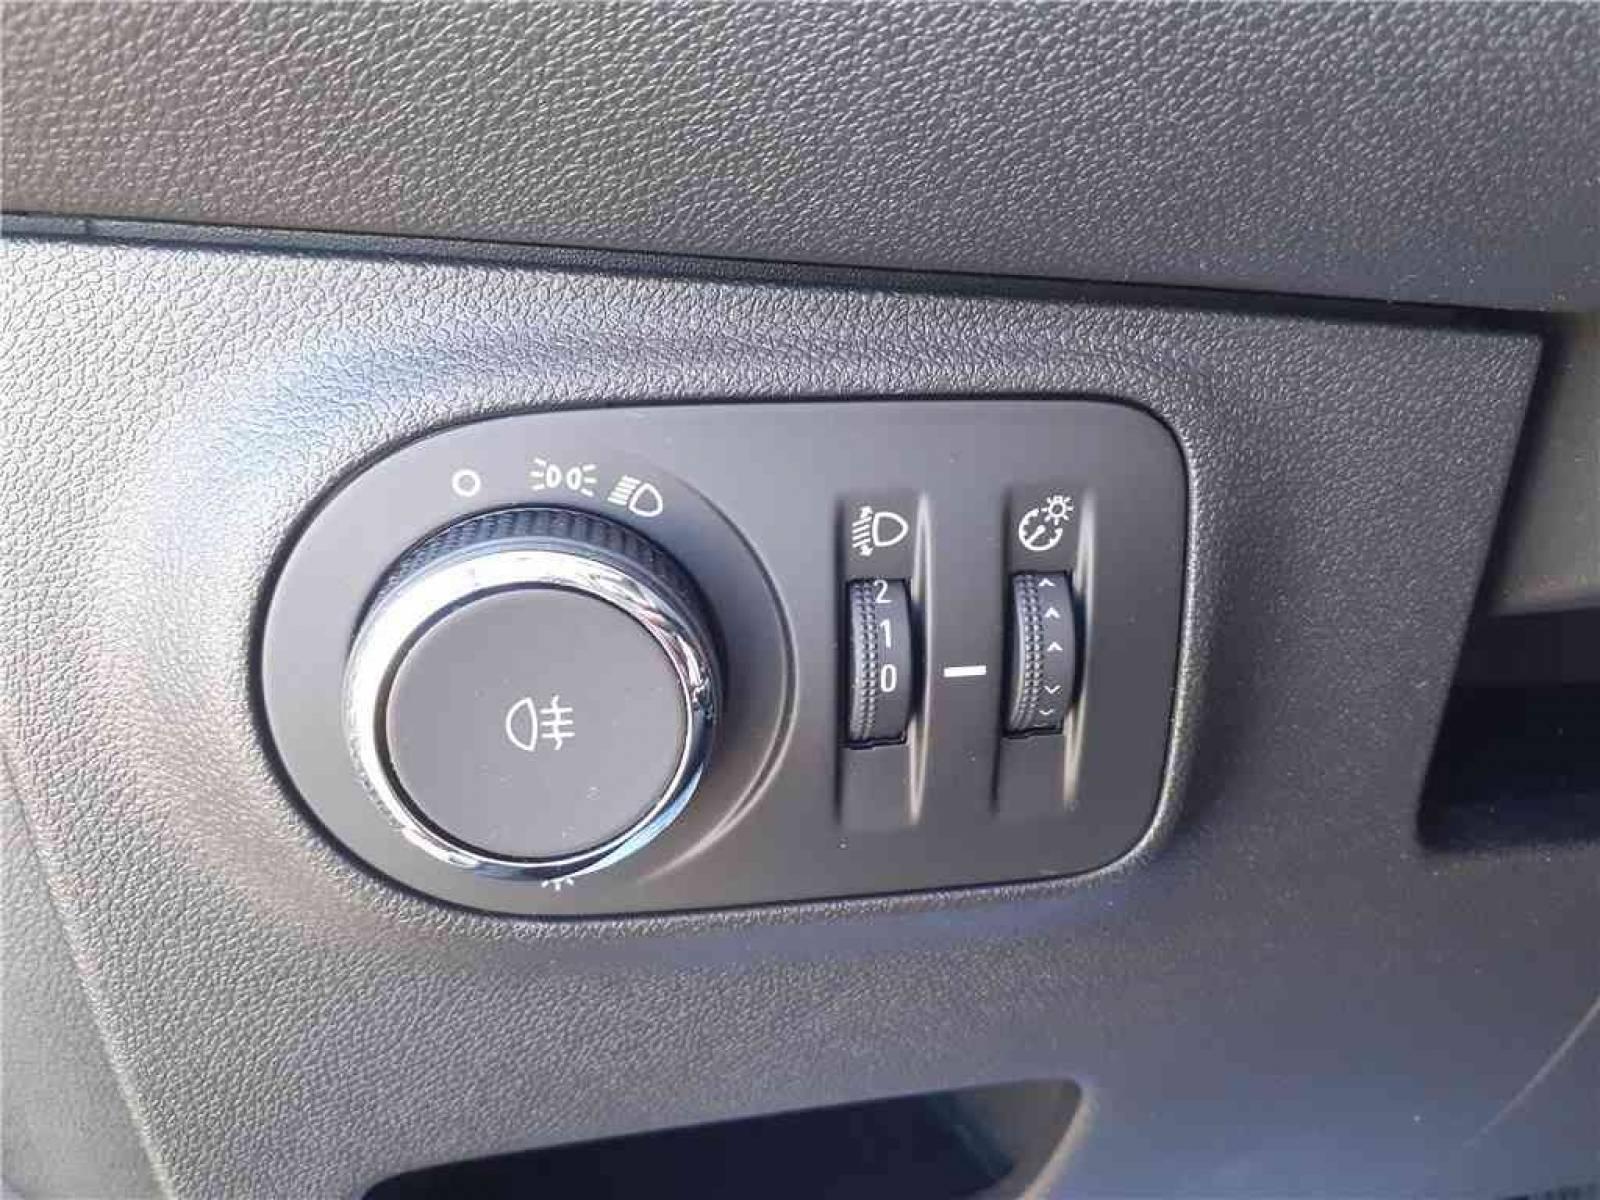 OPEL Adam 1.4 Twinport 87 ch S/S - véhicule d'occasion - Groupe Guillet - Opel Magicauto - Chalon-sur-Saône - 71380 - Saint-Marcel - 18